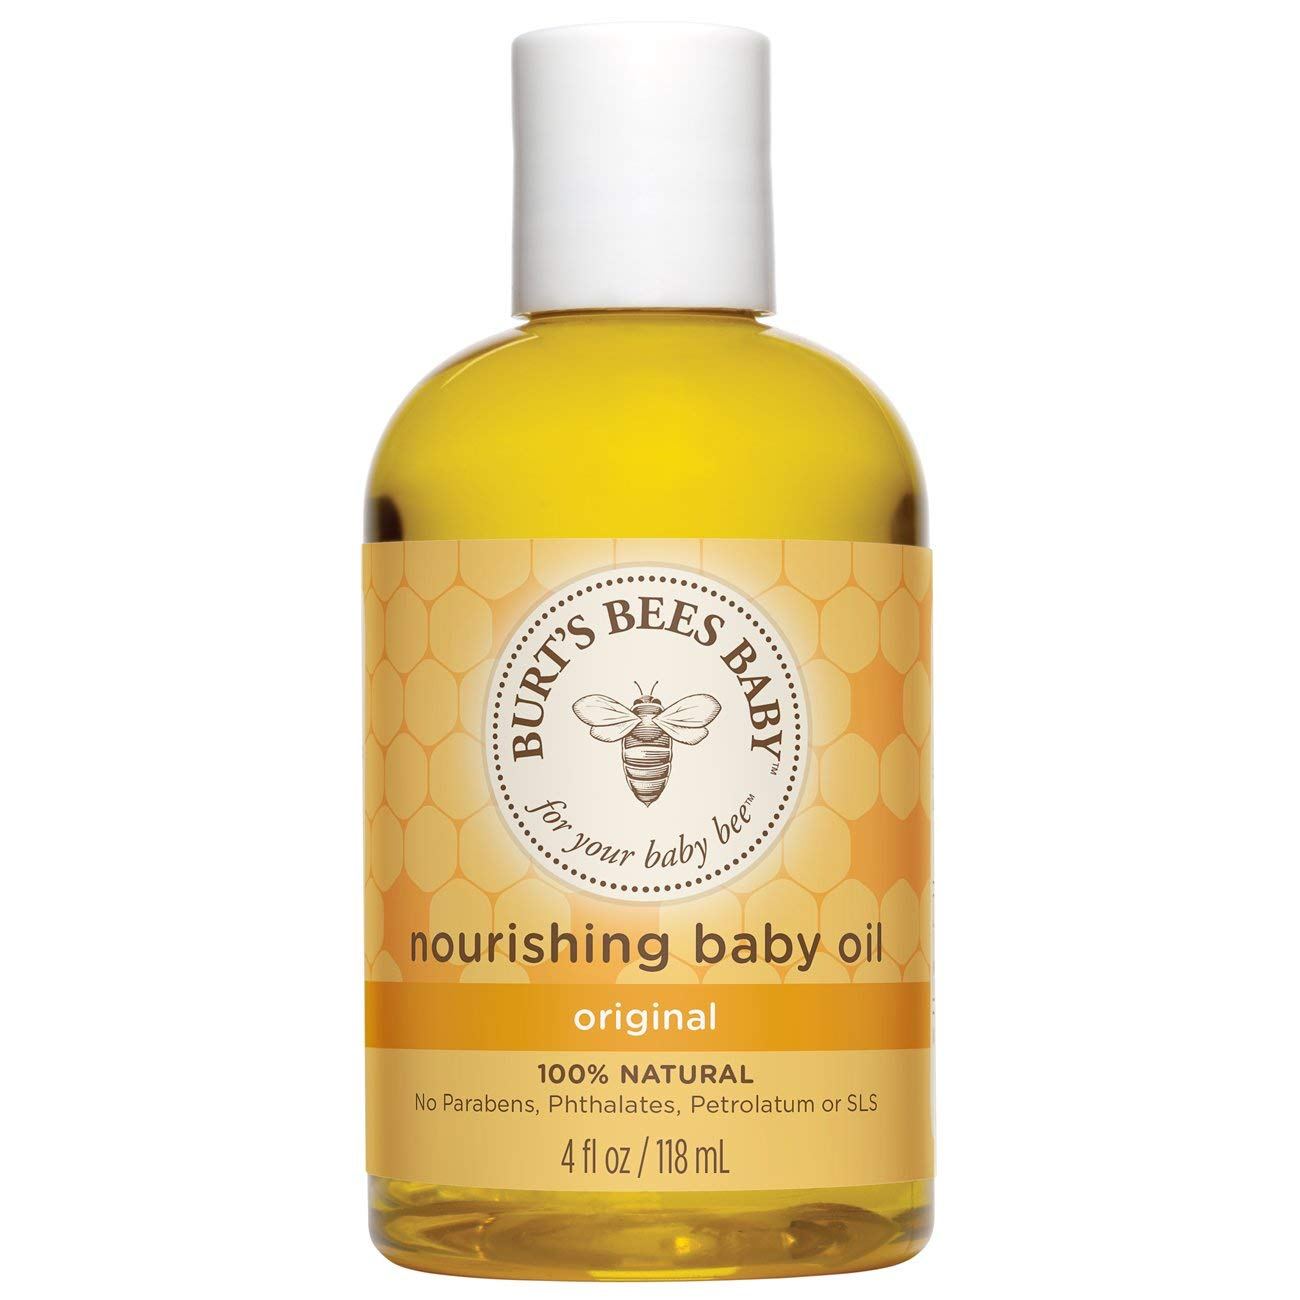 Burt's Bees Nourishing Baby Bee Baby Oil, 115ml Burt' s Bees 71211-11